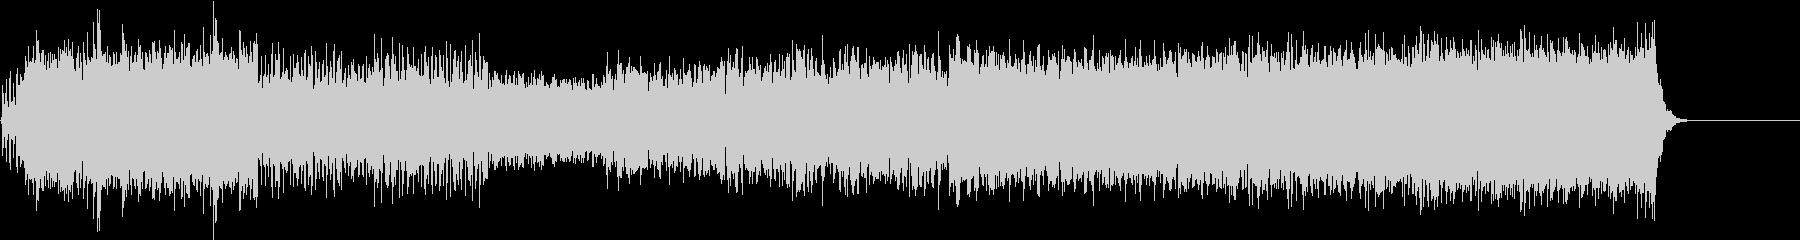 ストリングスが印象的なクラシック音楽の未再生の波形